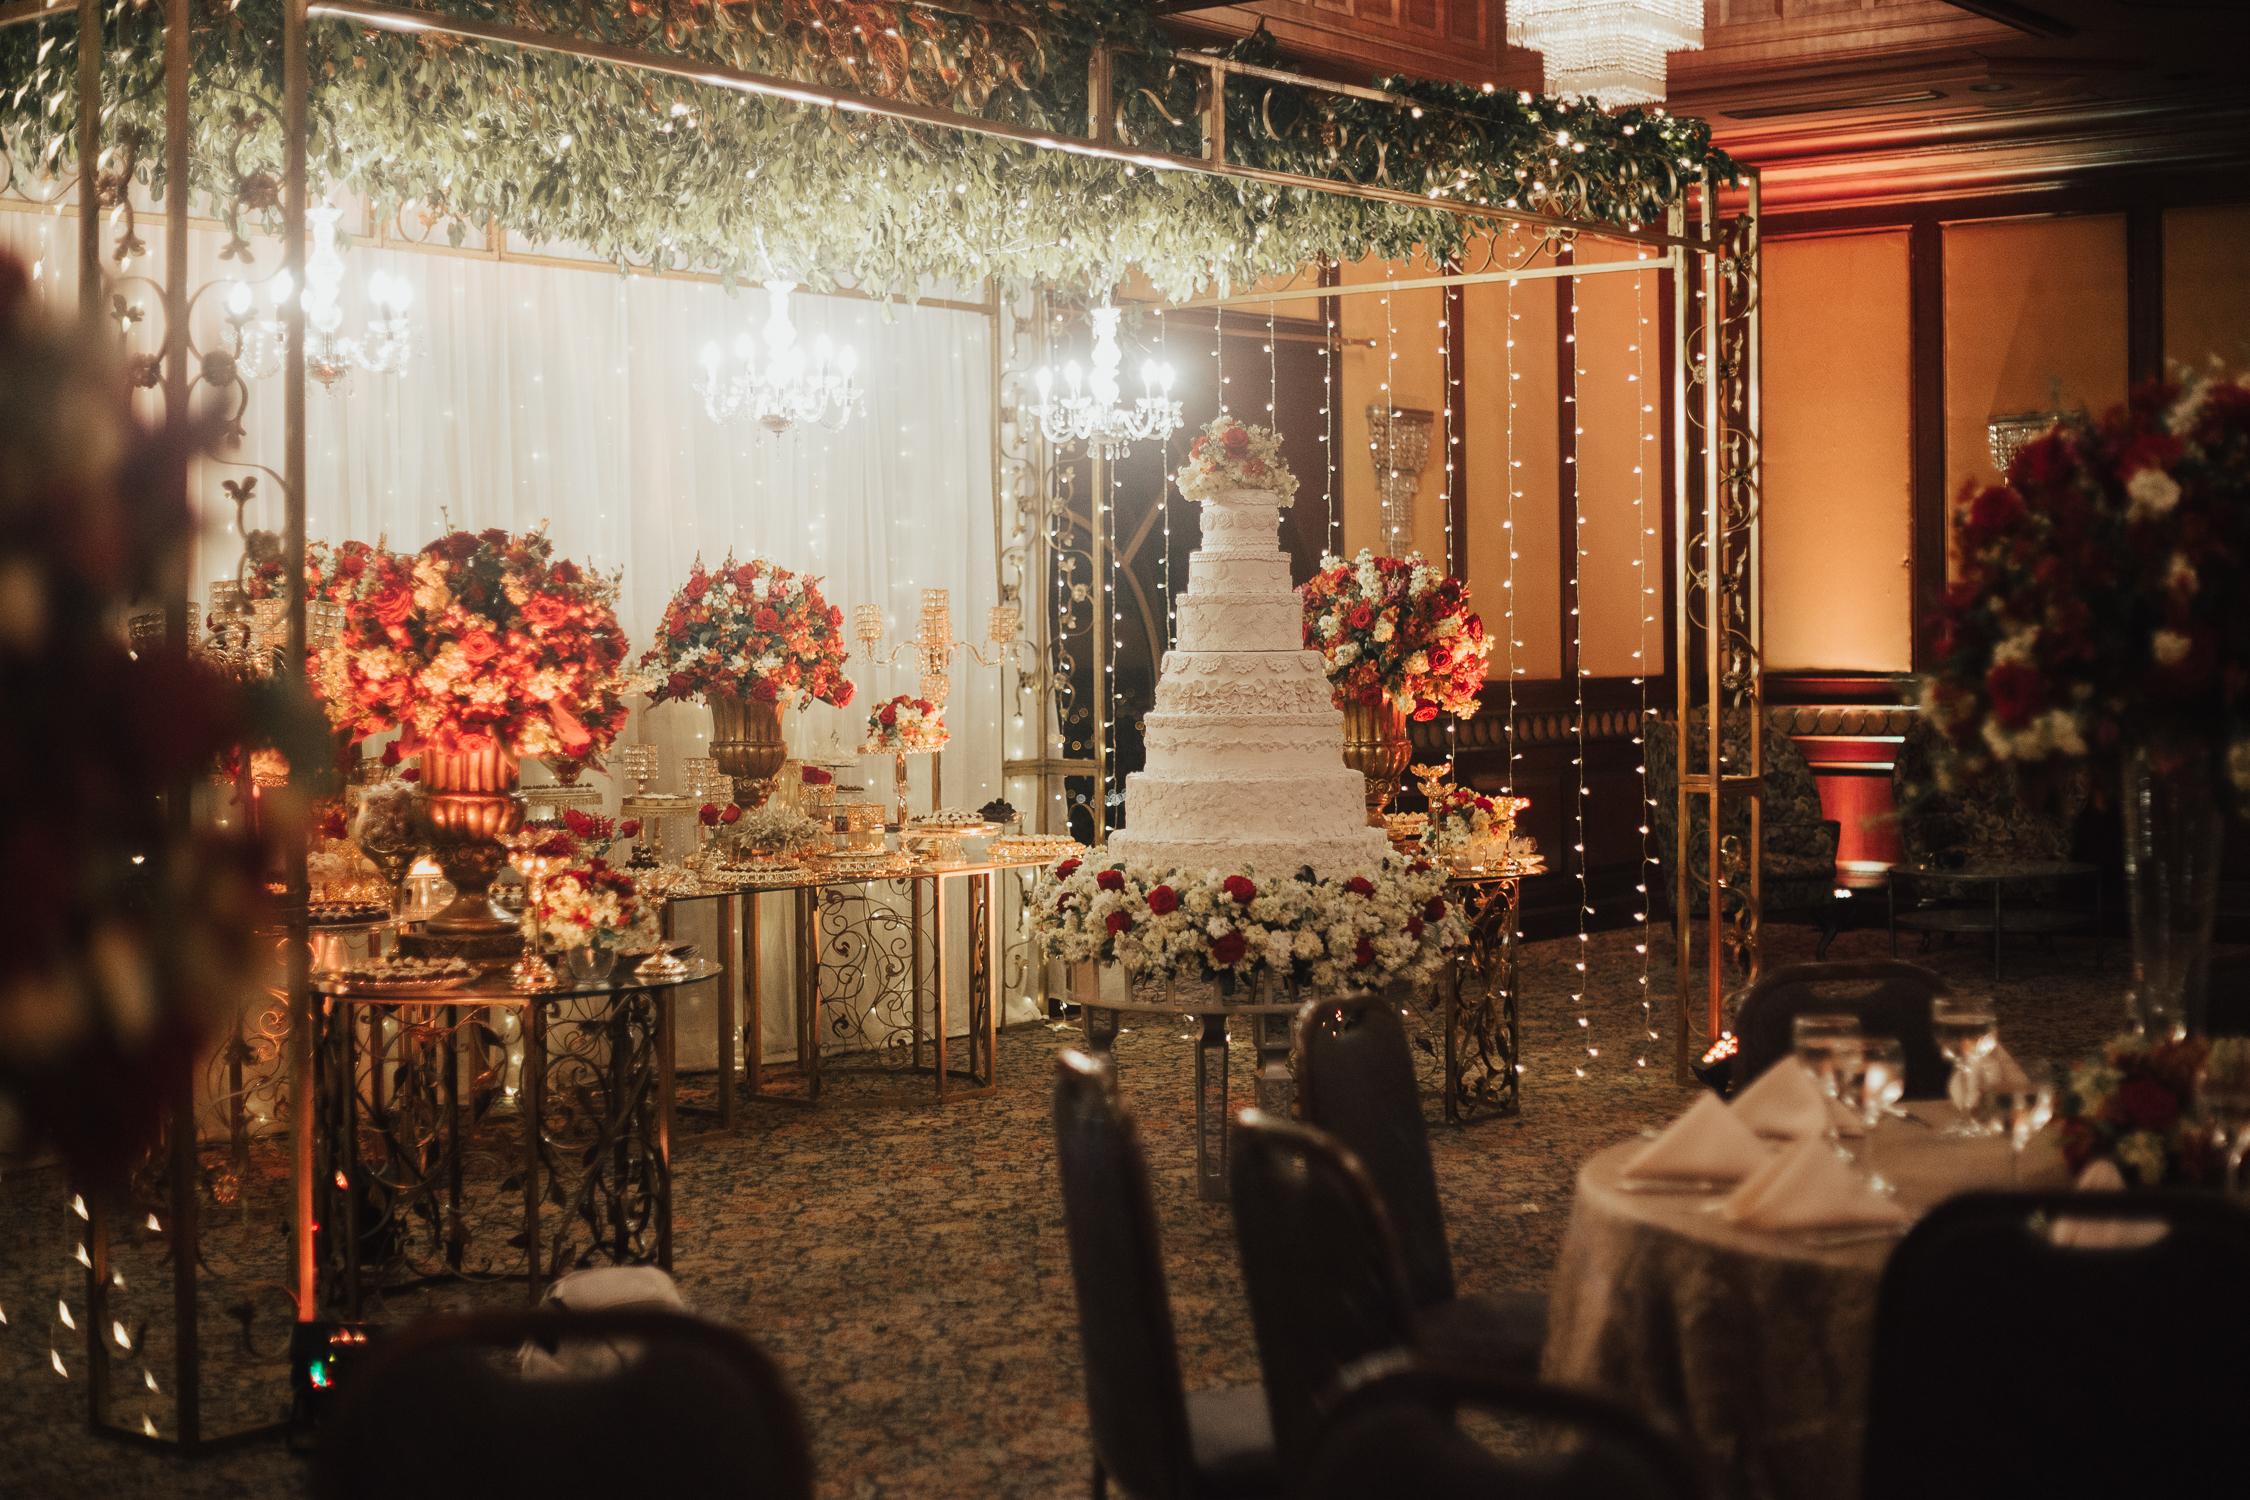 Michelle-Agurto-Fotografia-Bodas-Ecuador-Destination-Wedding-Photographer-Ecuador-Mercedes-Alvaro-115.JPG